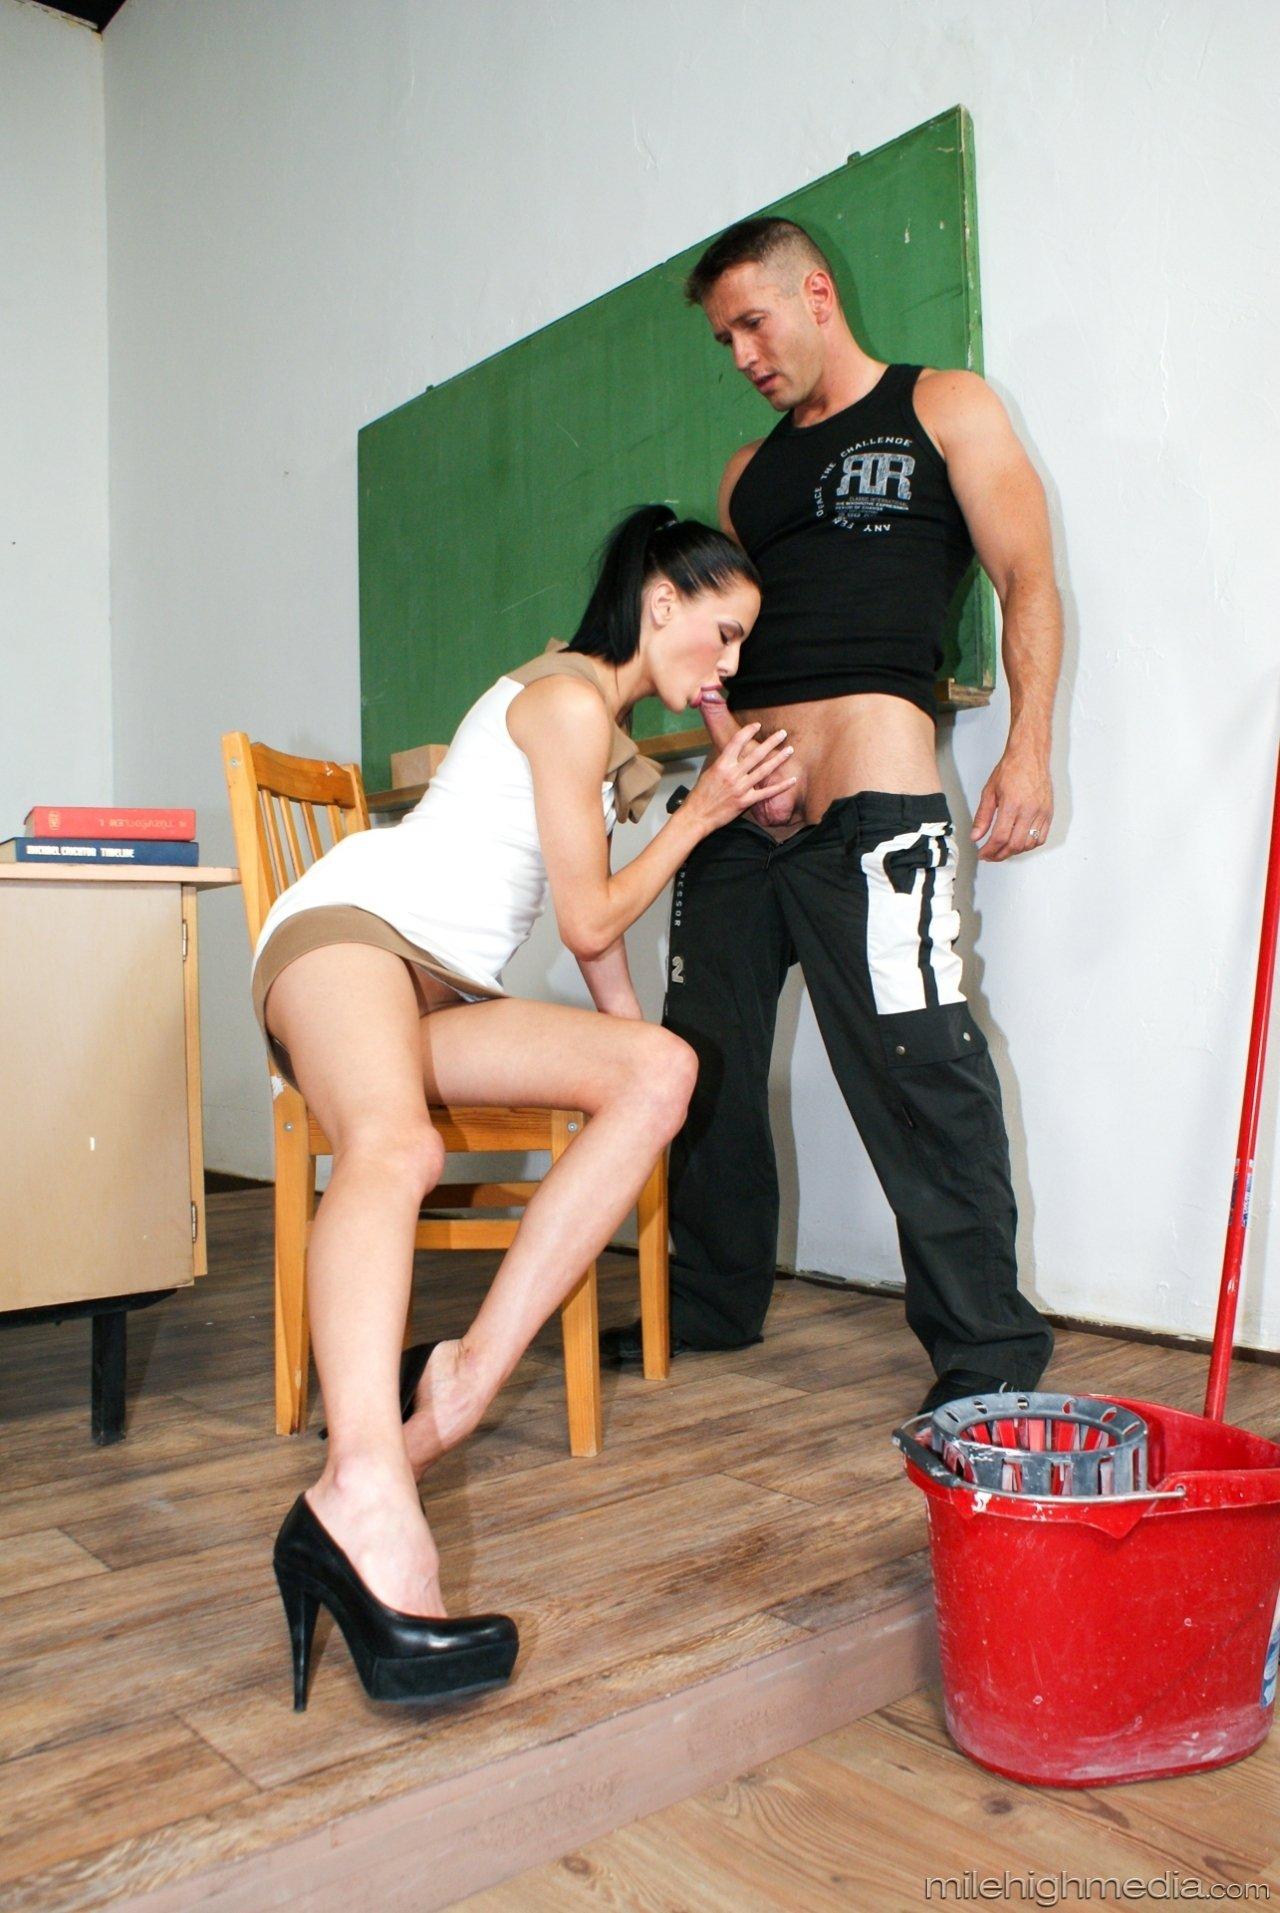 Грациозная модель с темными волосами с разъебанной мандой дала юнцу в попу задрав короткое платье